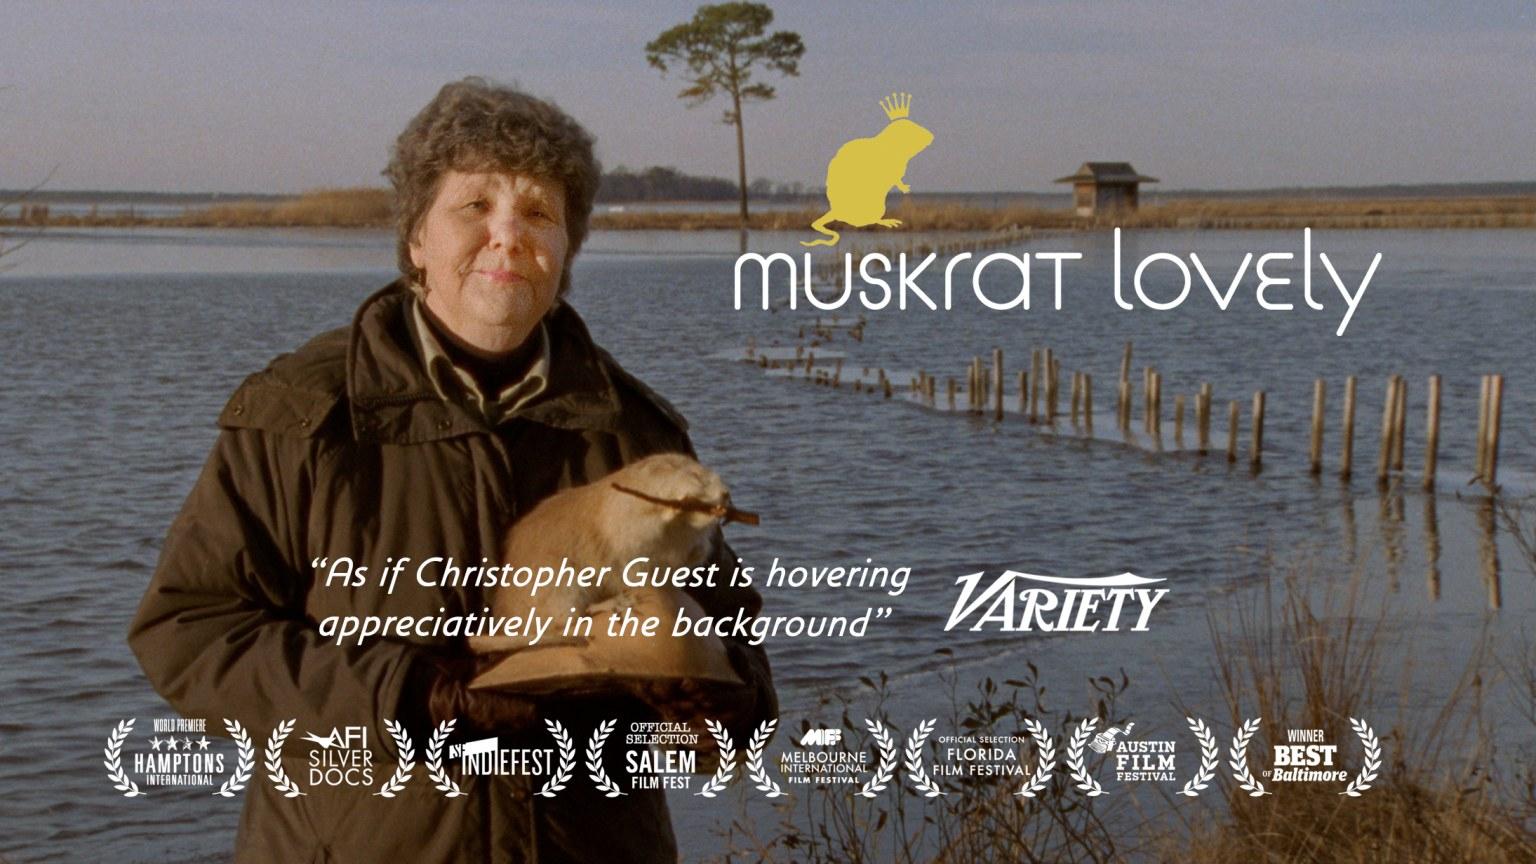 Muskrat Lovely